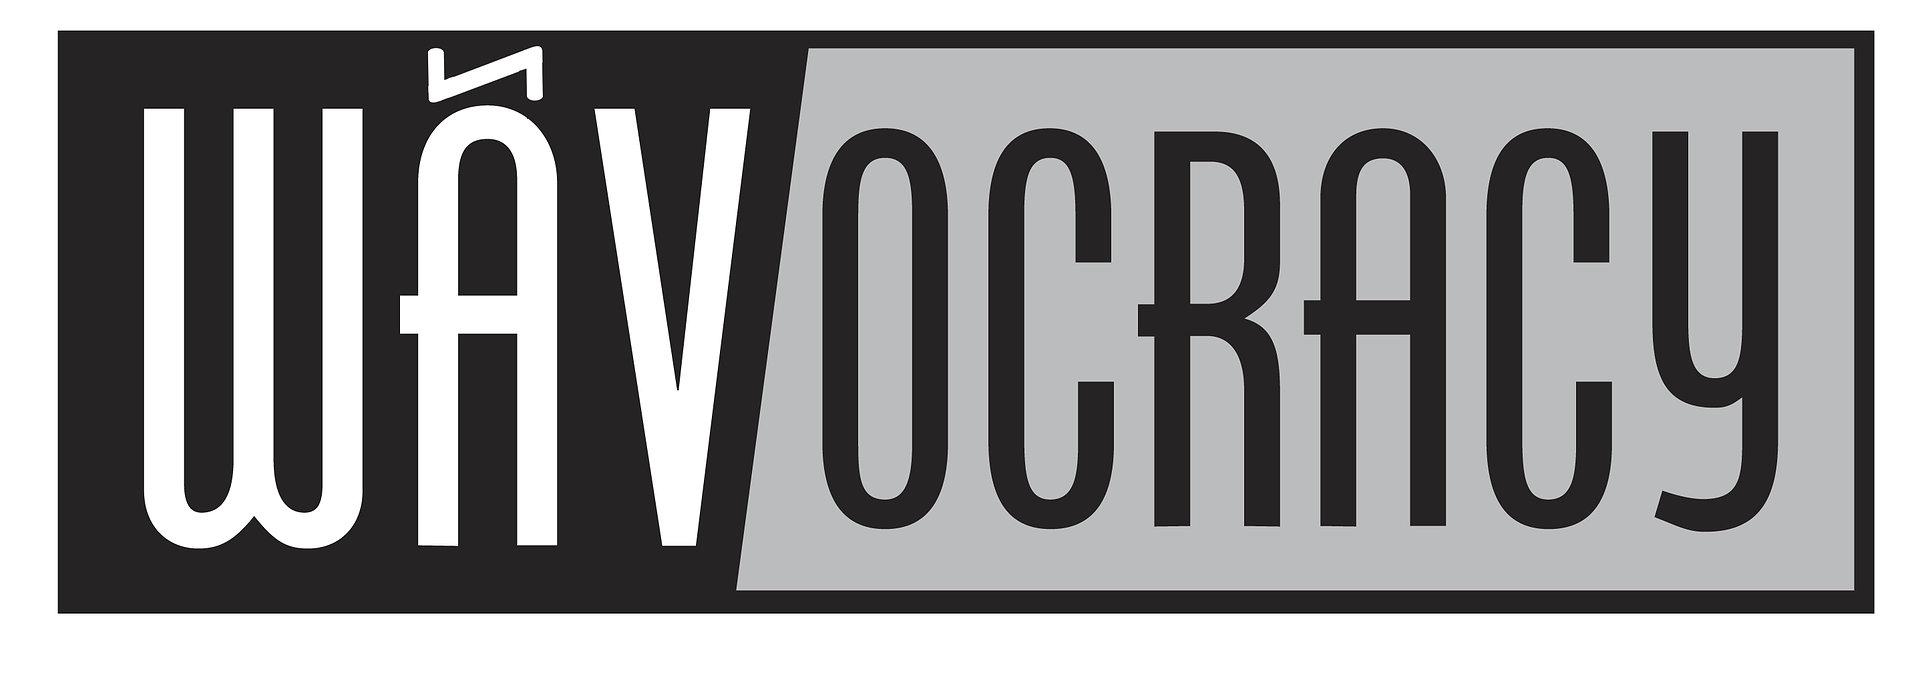 Wavocracy